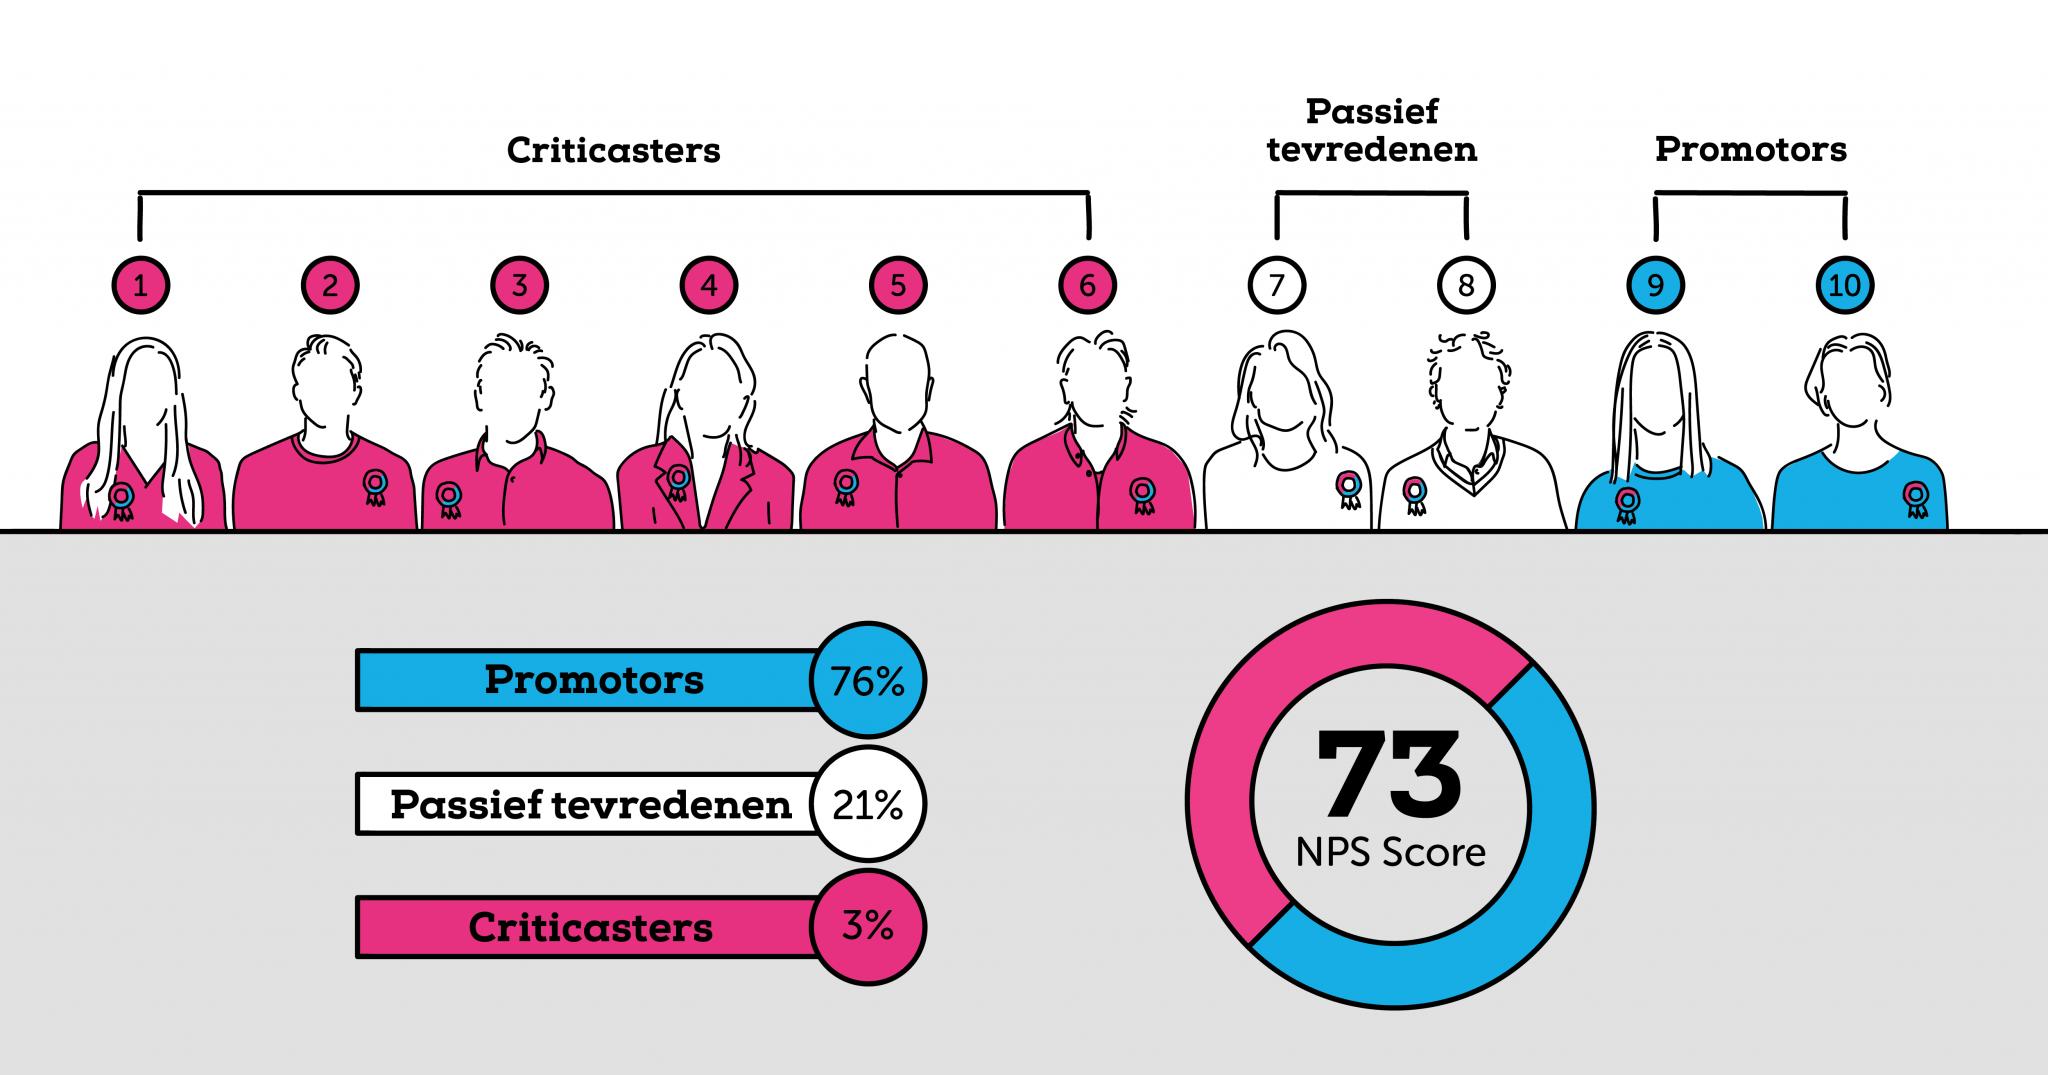 NPS meting BrightPensioen in de zomer van 2021, een hoge score van 73